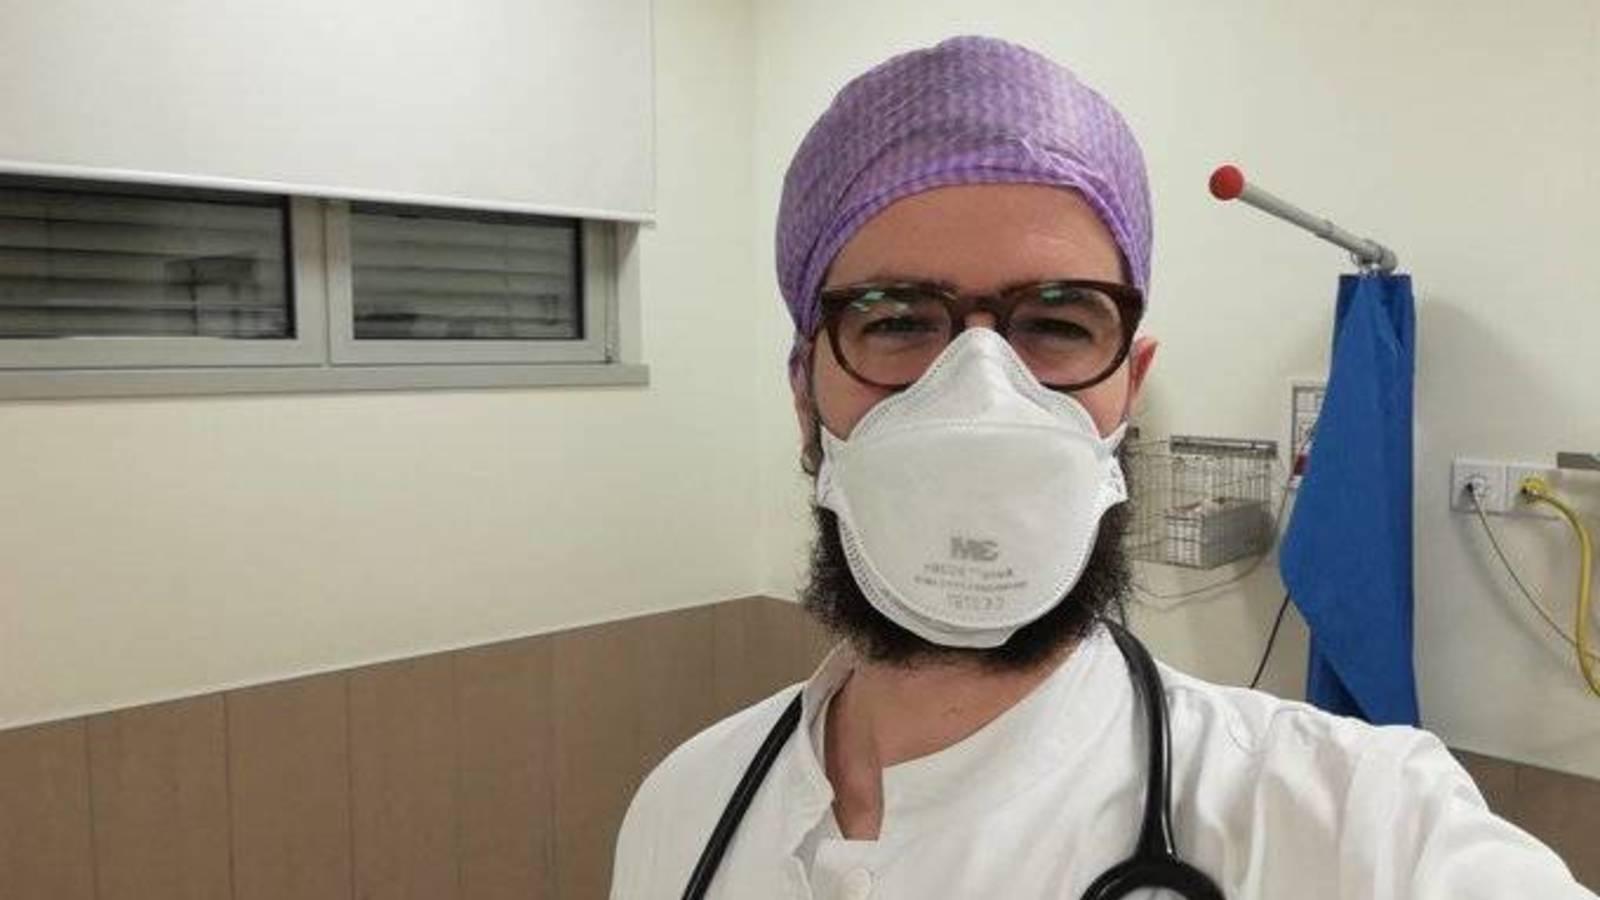 el medico espanol que lucha contra el panico desde la zona cero del coronavirus en italia